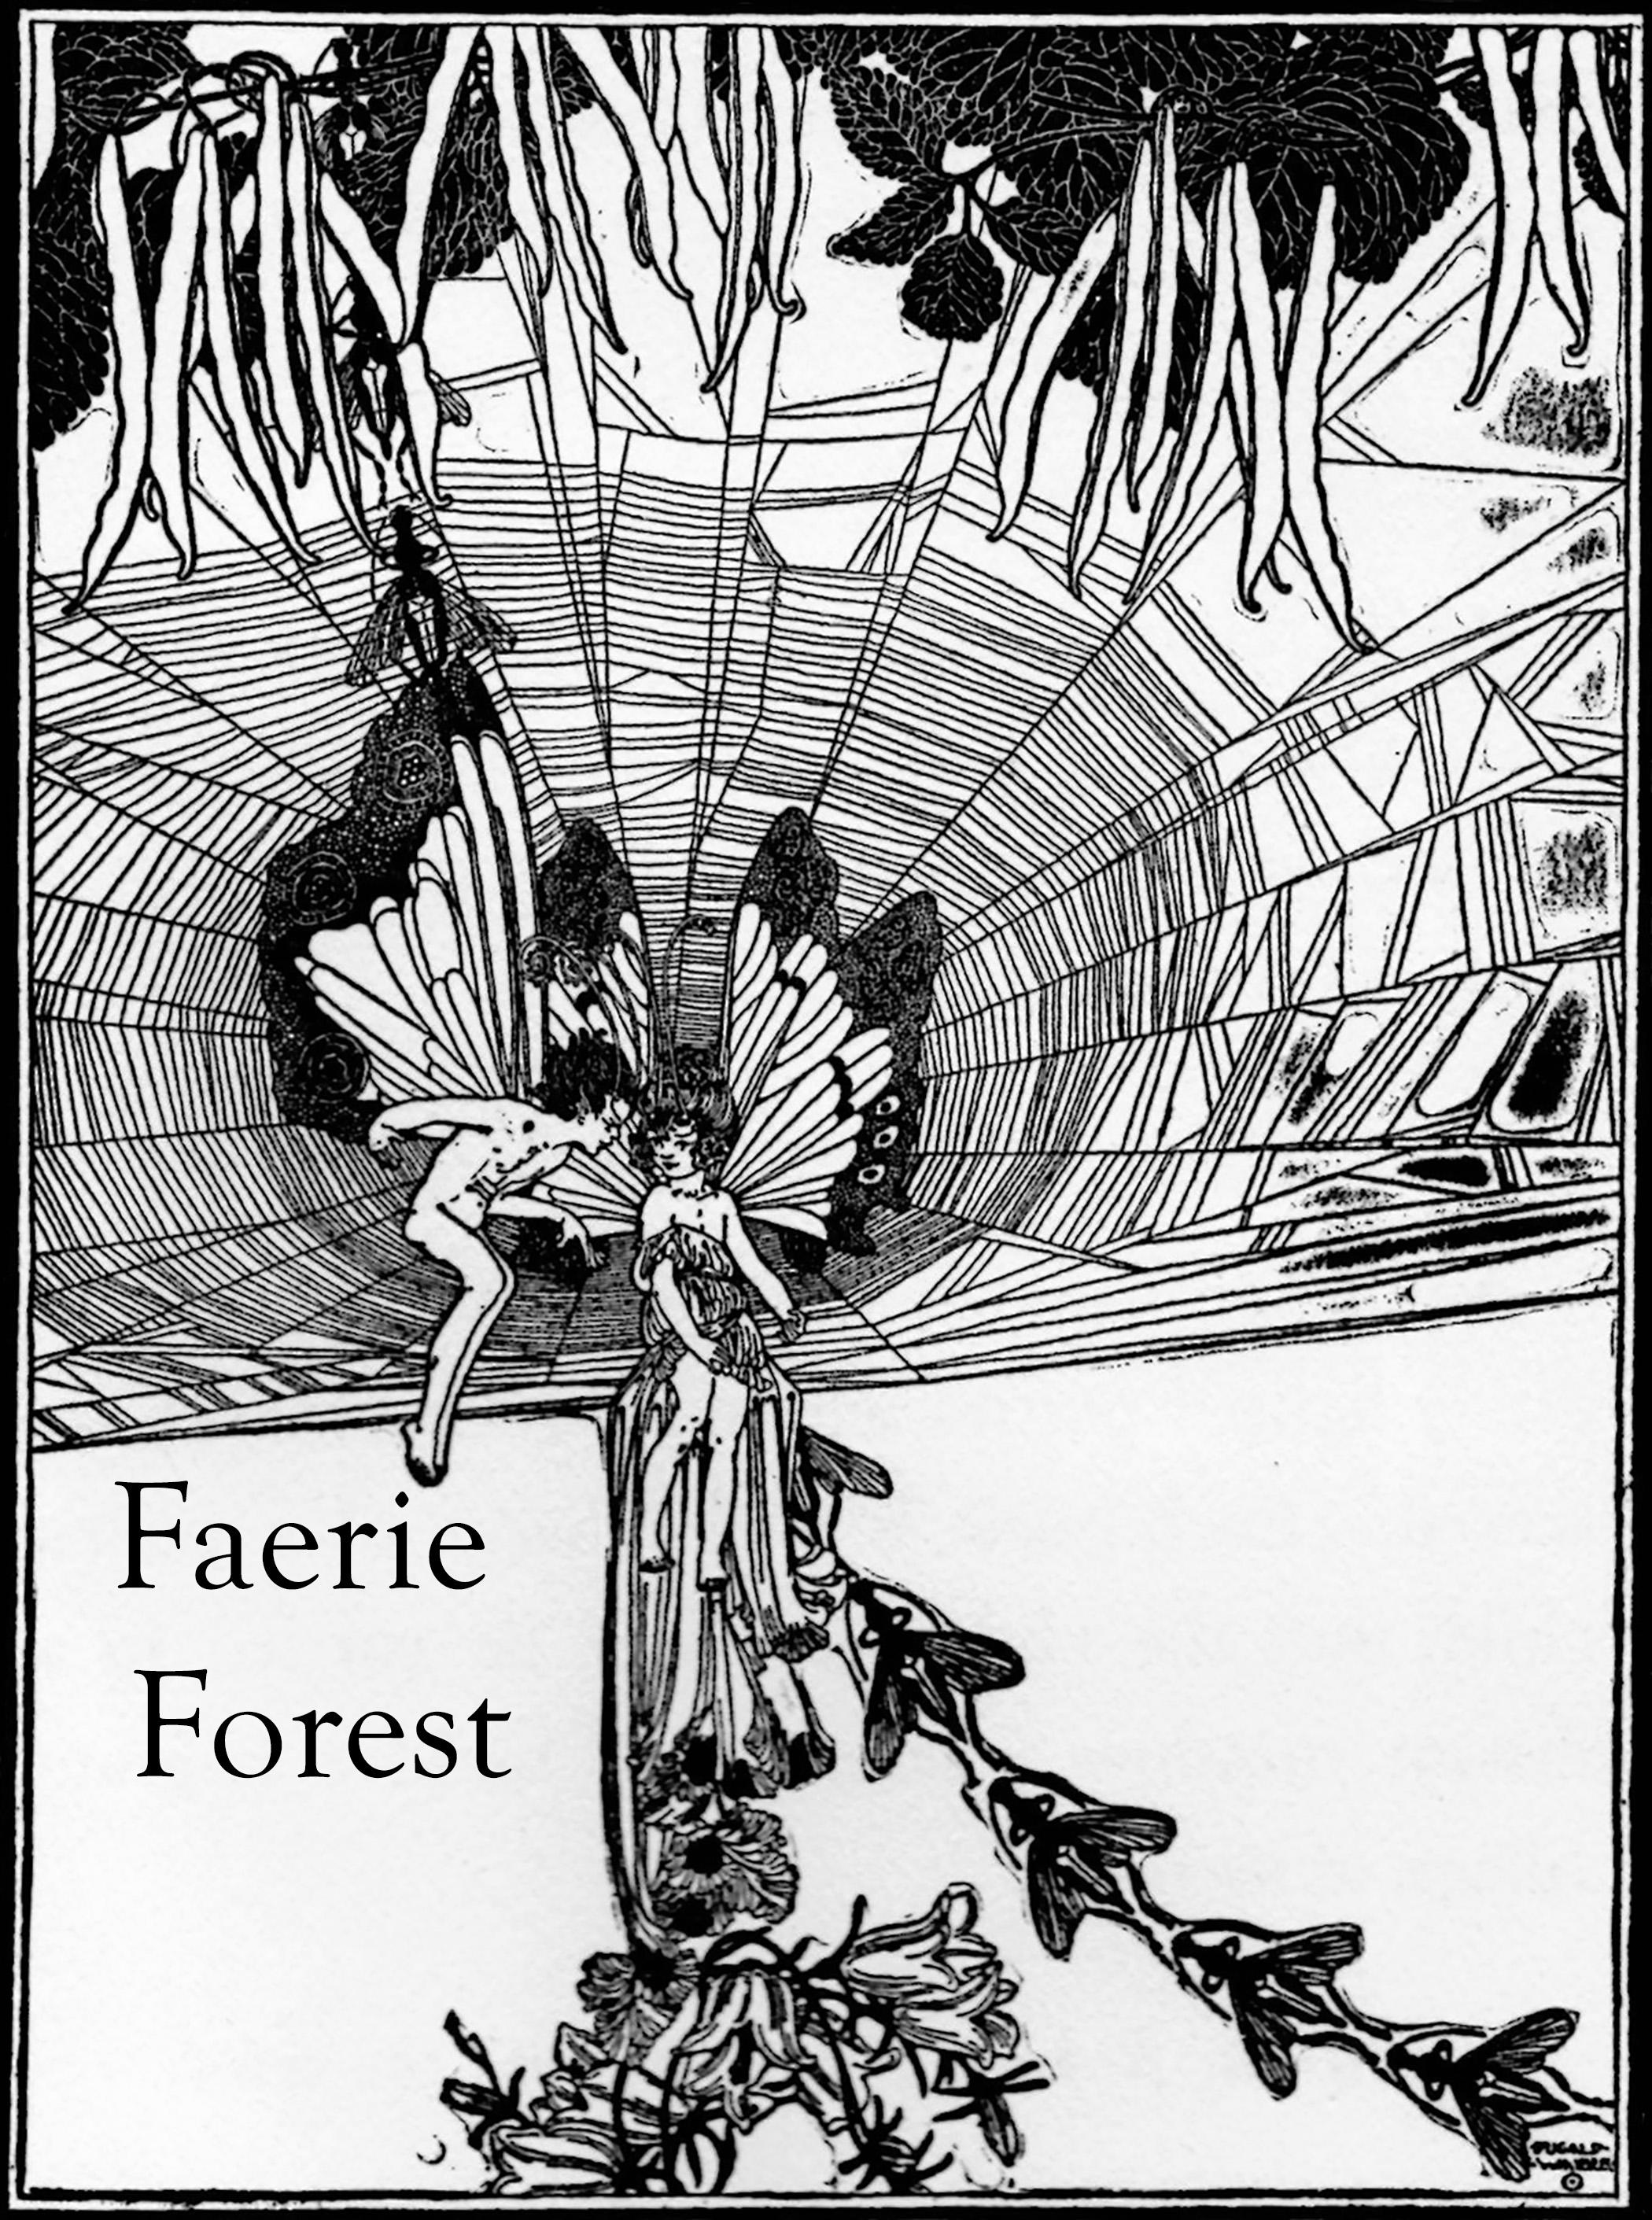 FaerieForestPosterblank.jpg